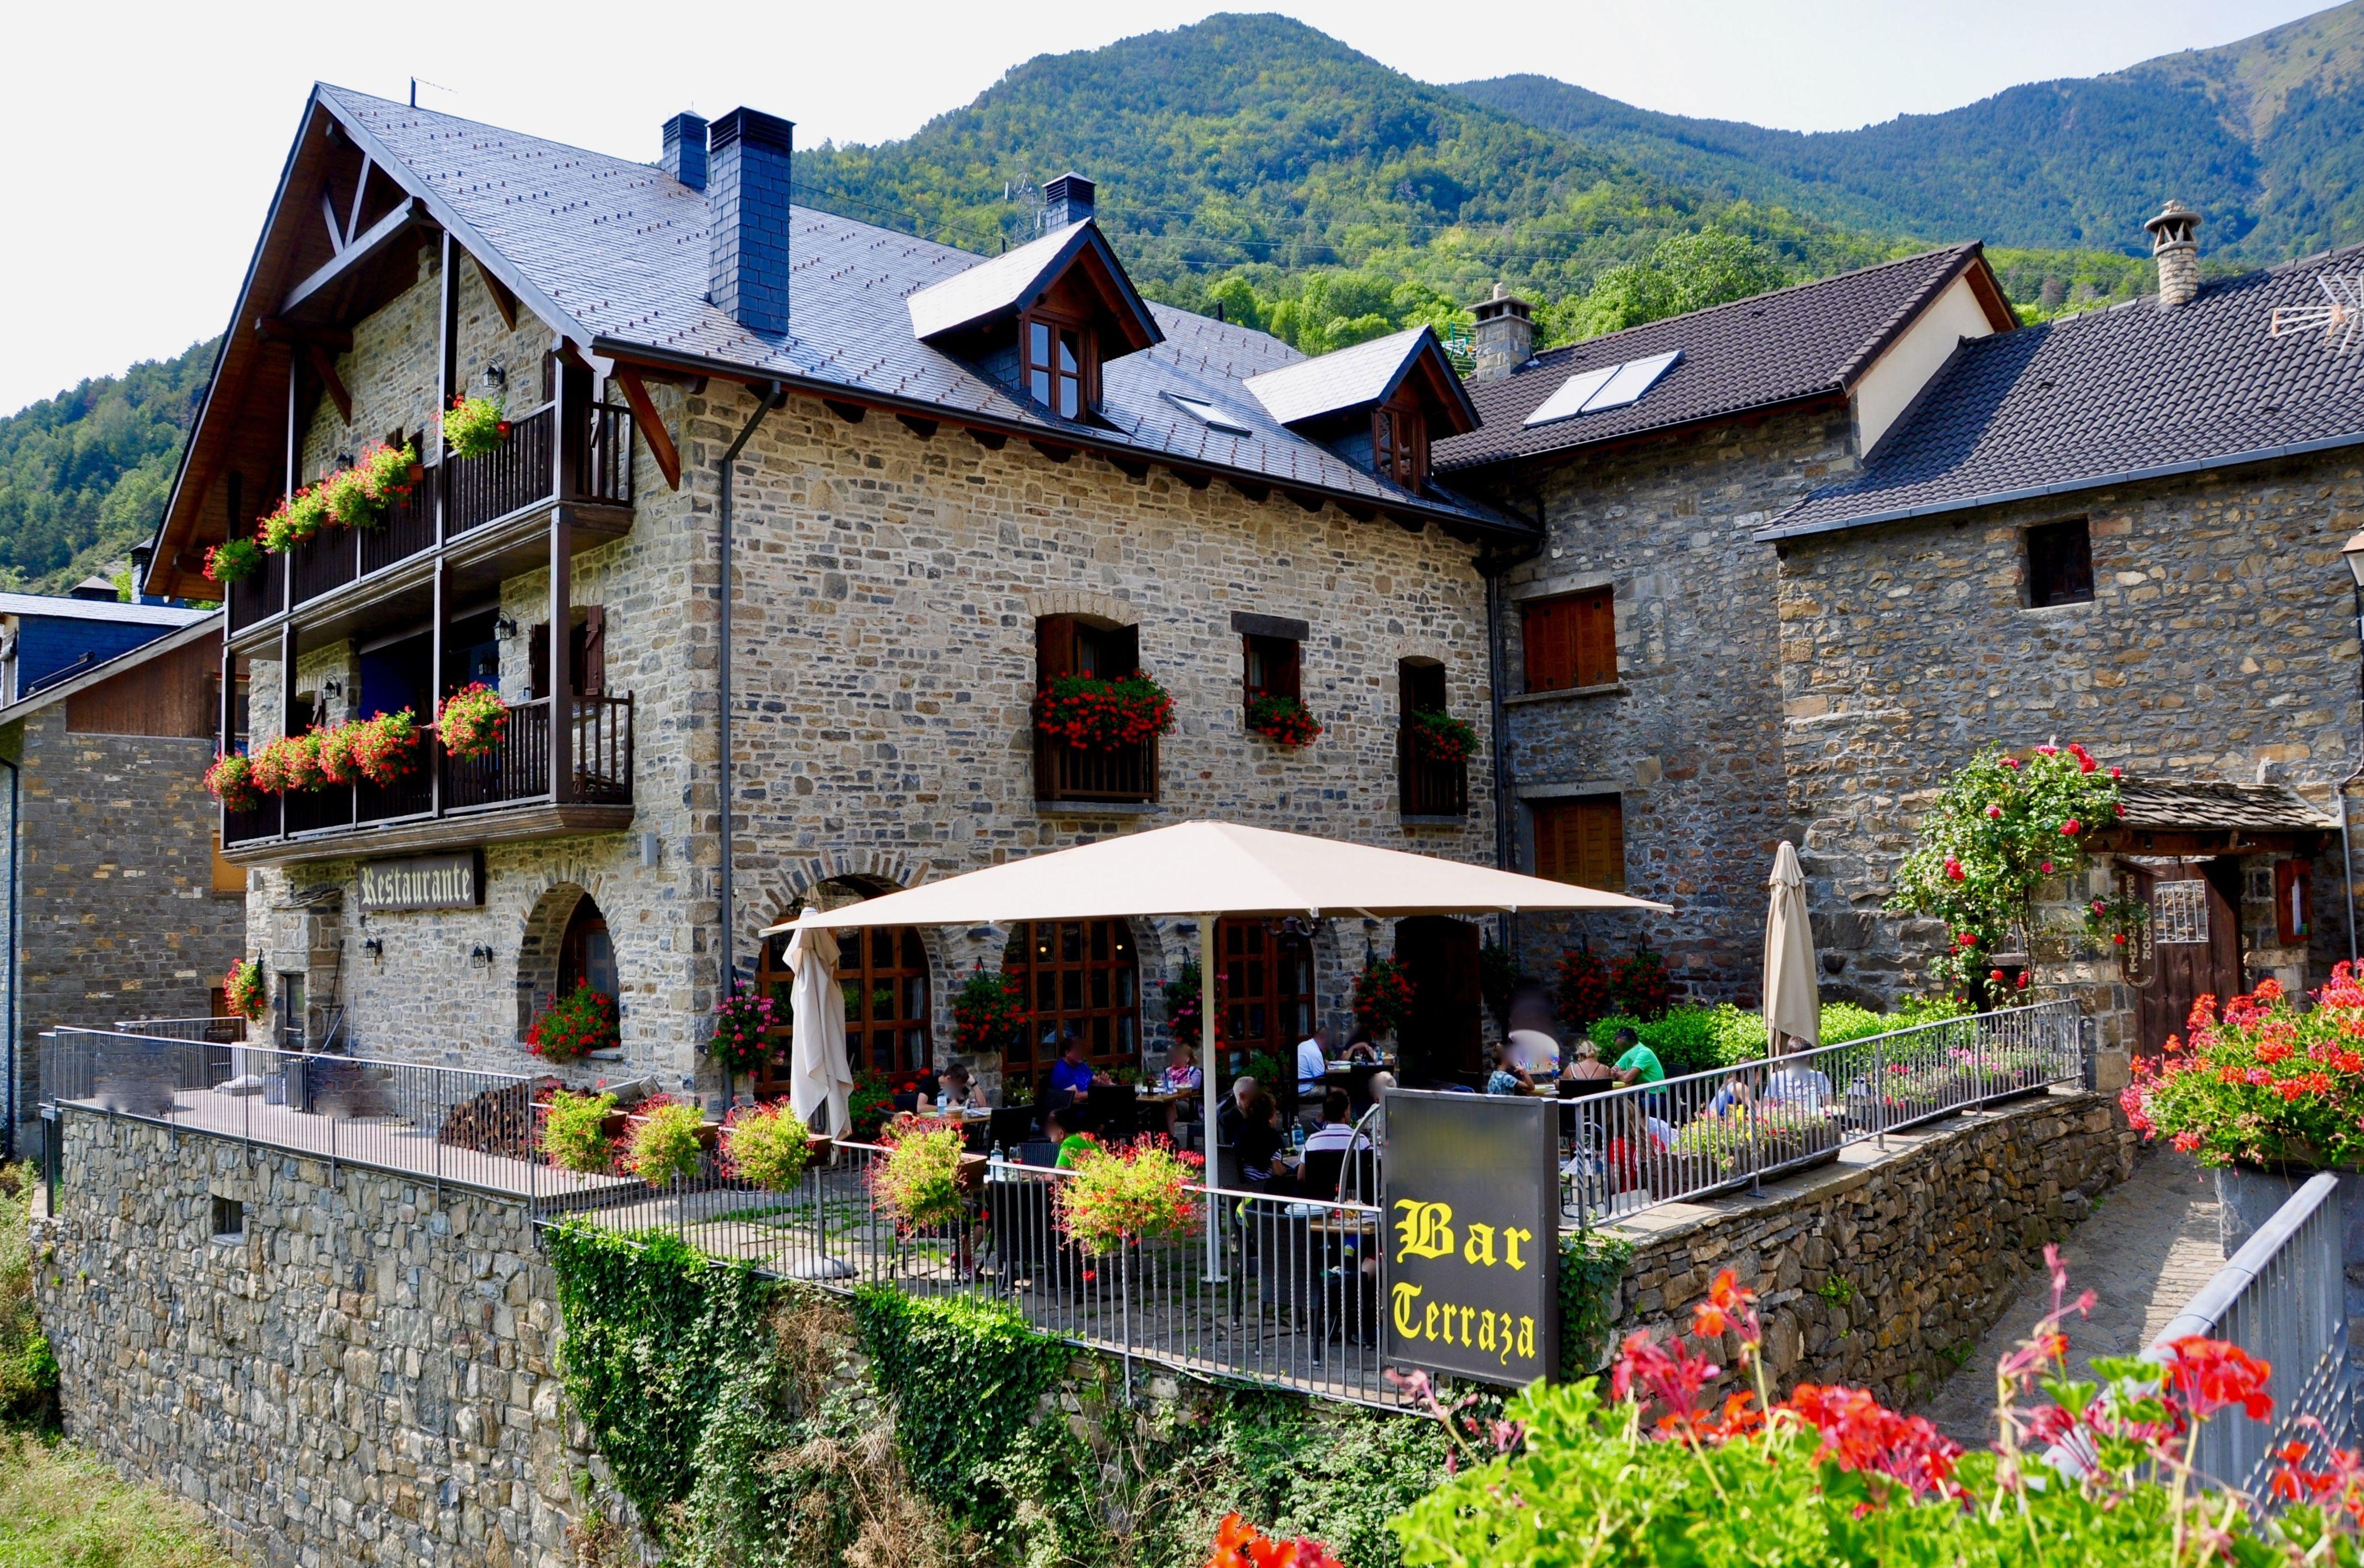 Edificio restaurante y apartamentos